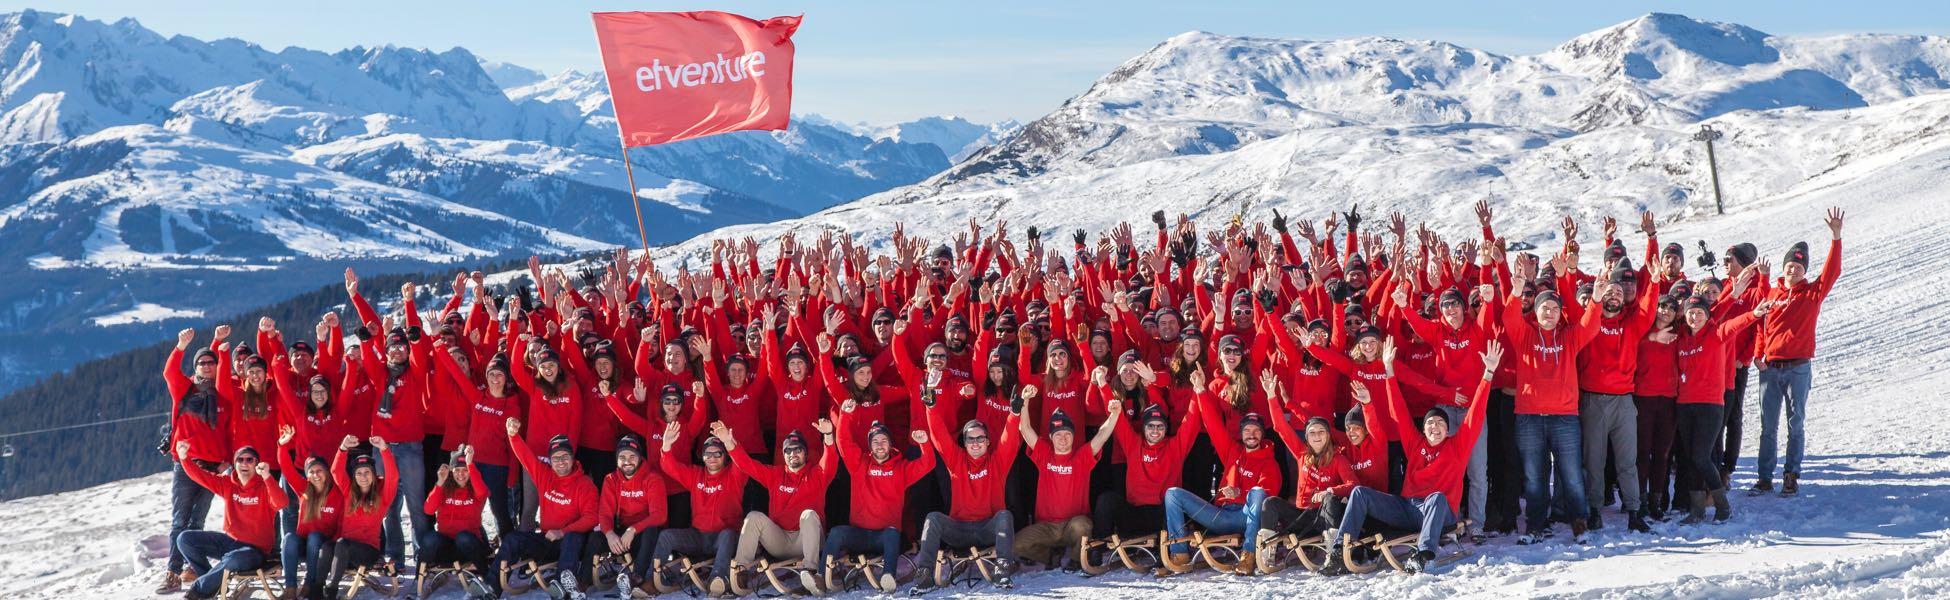 etventure Team - Winter 2016